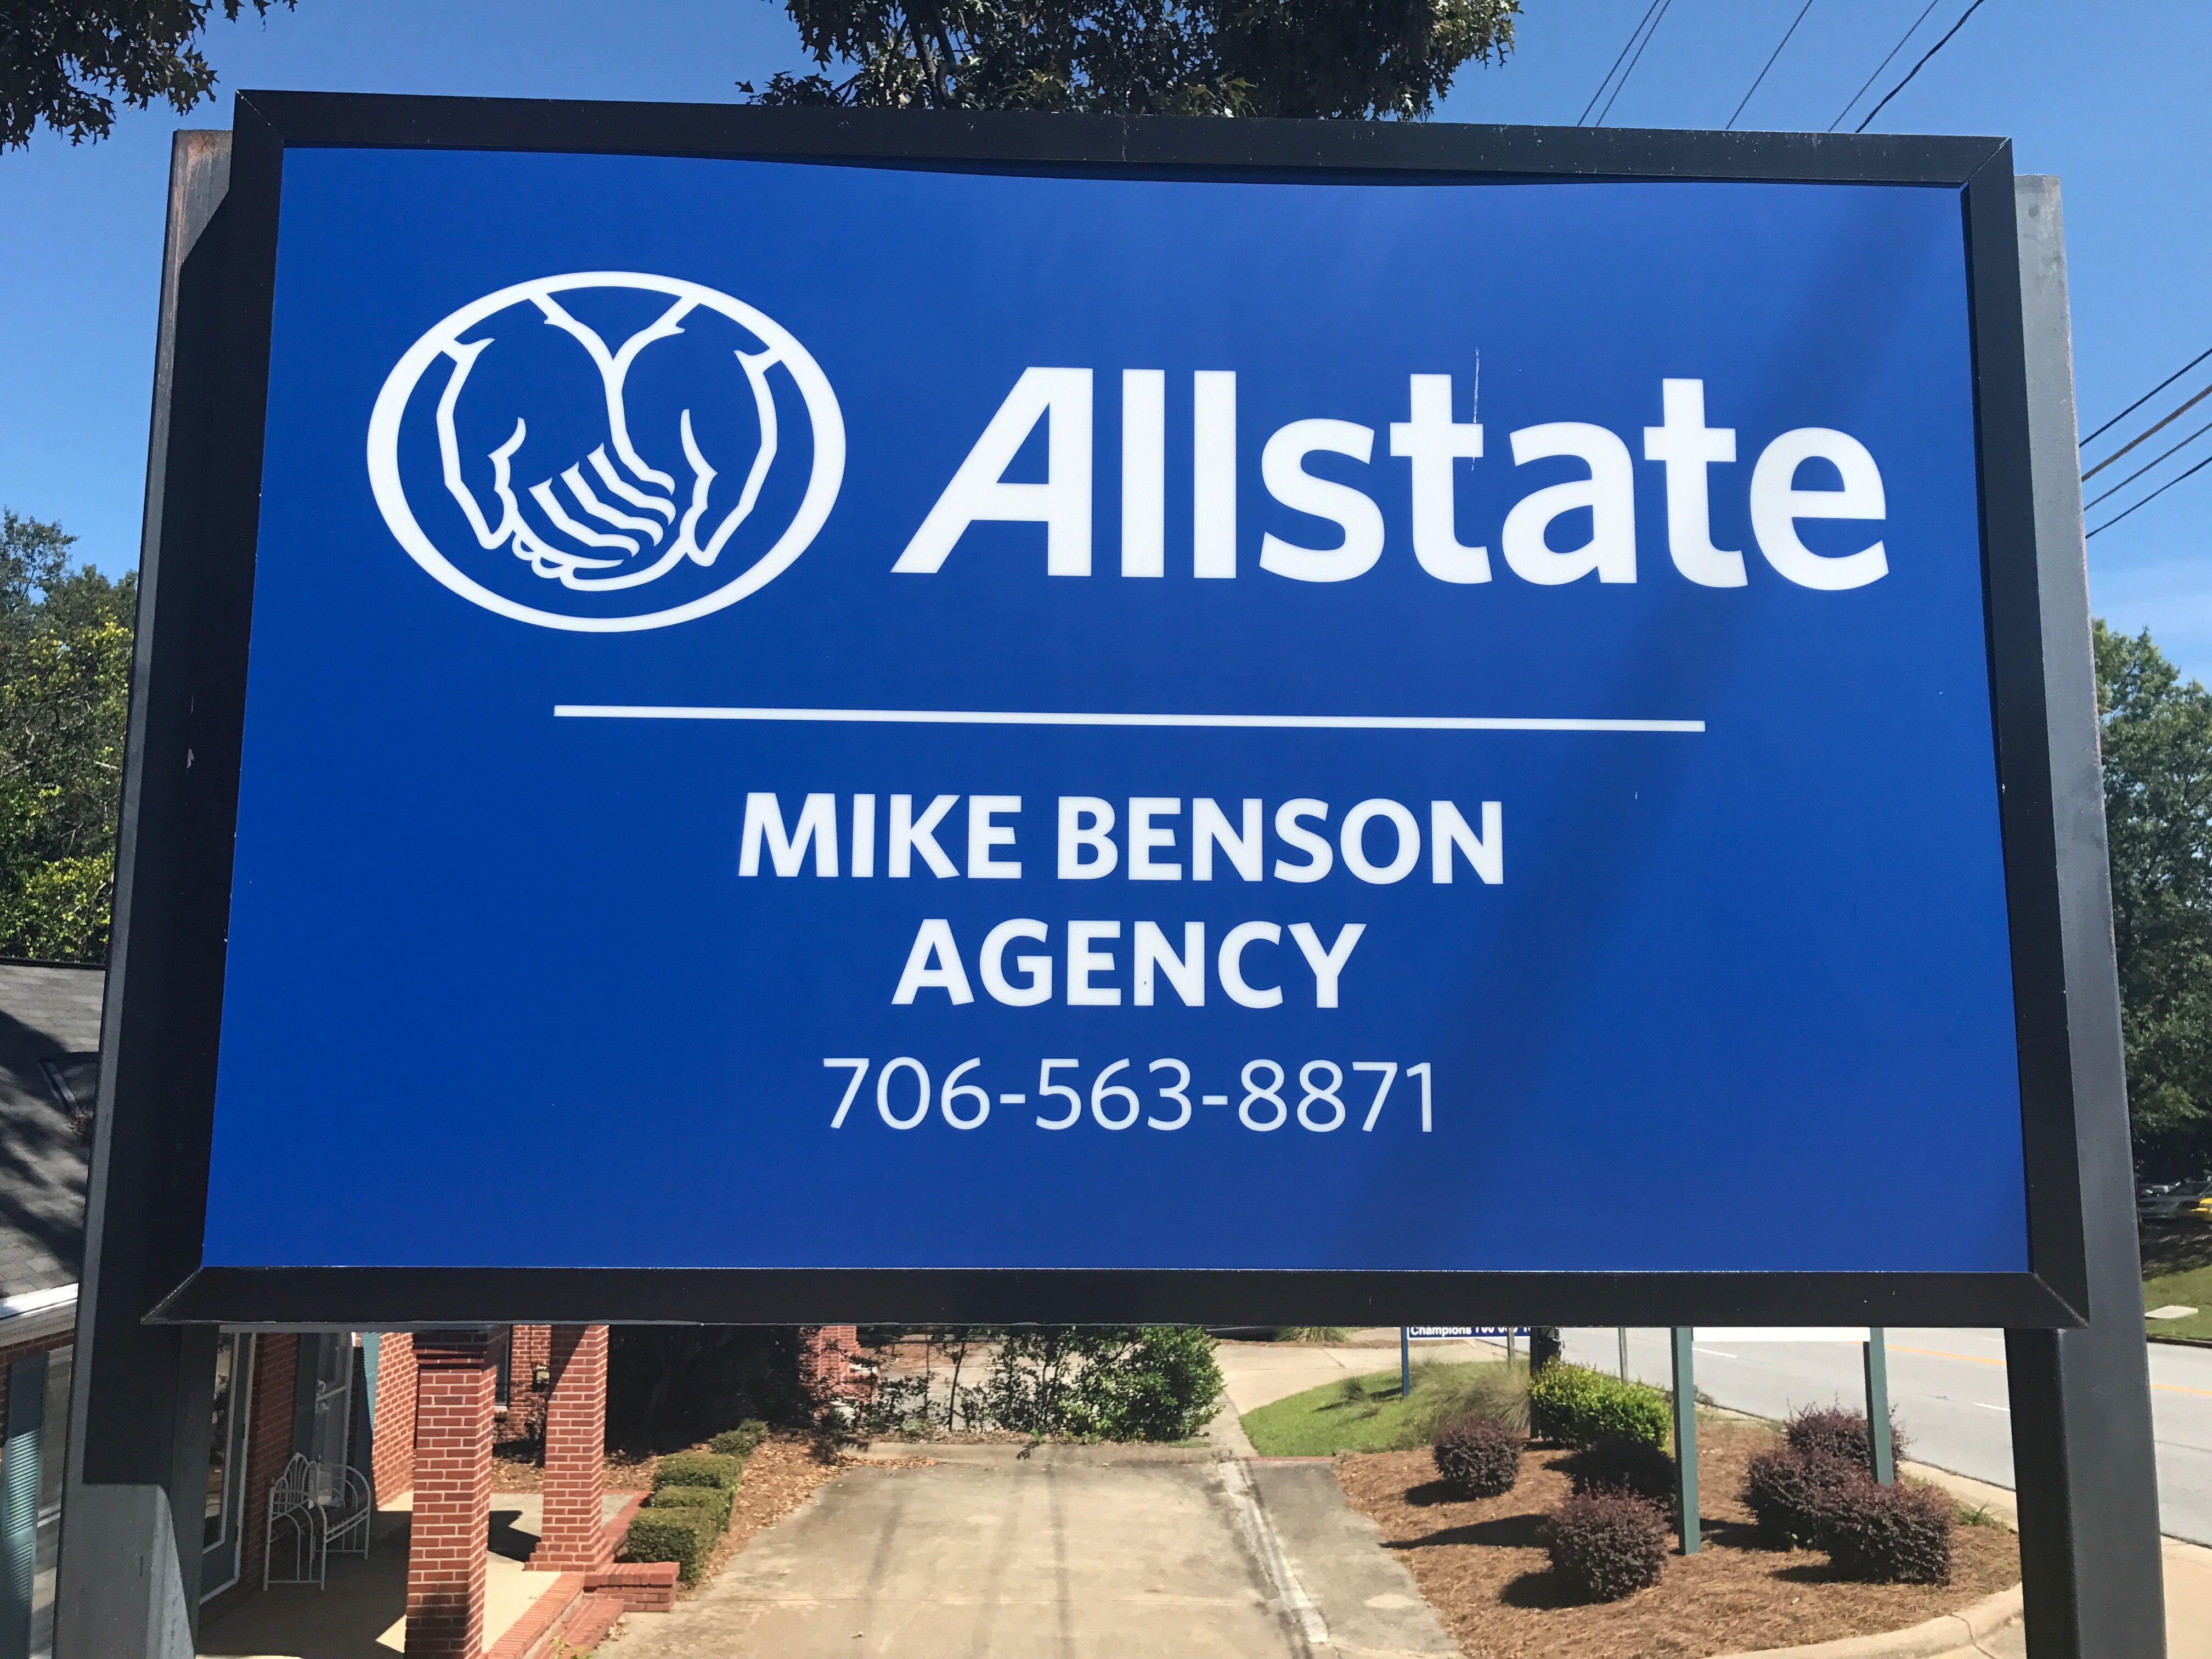 Mike Benson: Allstate Insurance image 2